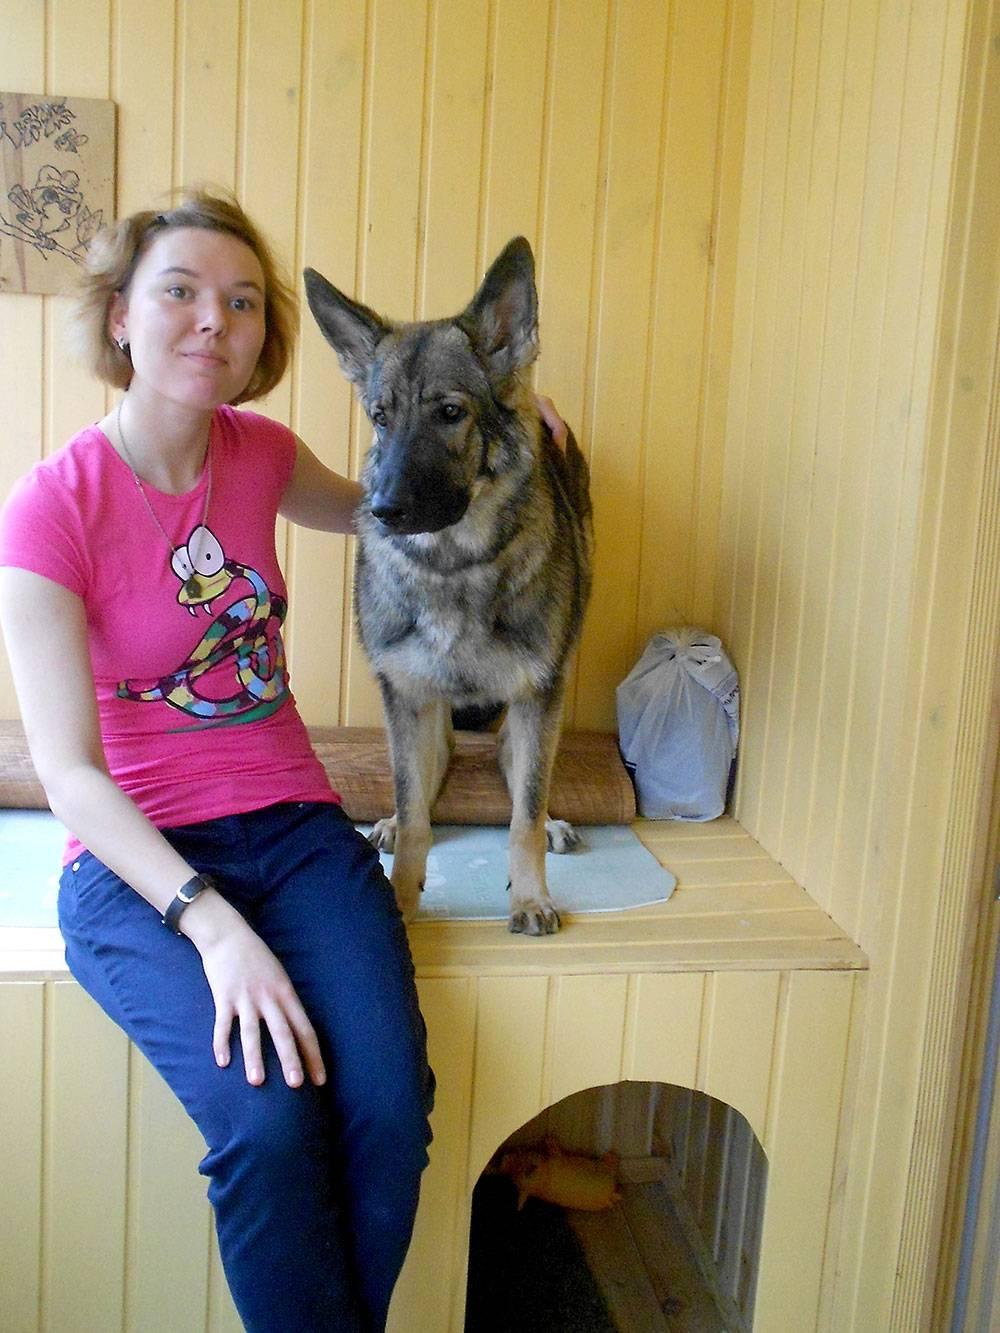 На лоджии сделали будку — «кабинет» для собаки. Сыщик она или нет?